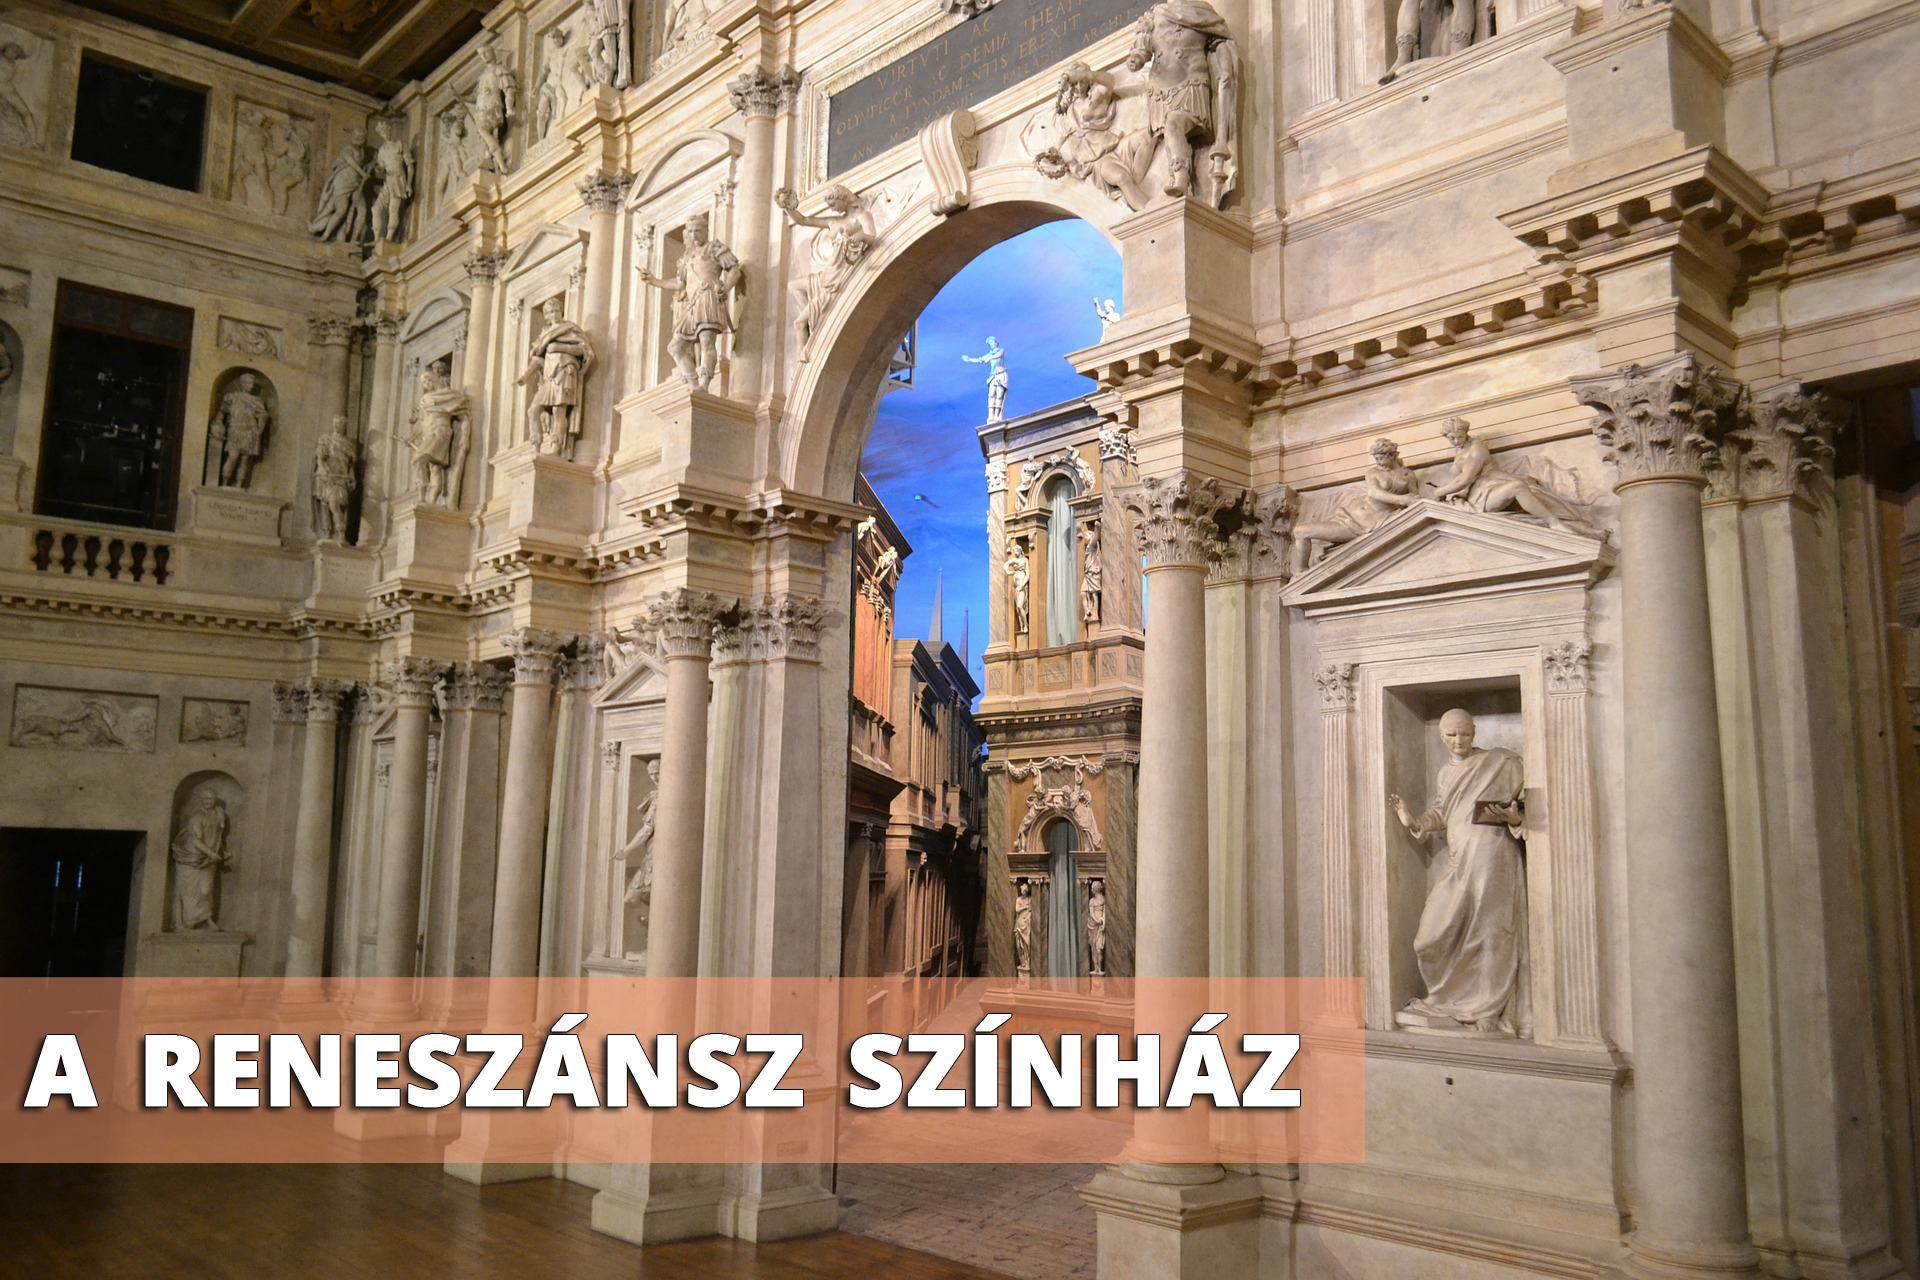 reneszansz_szinhaz